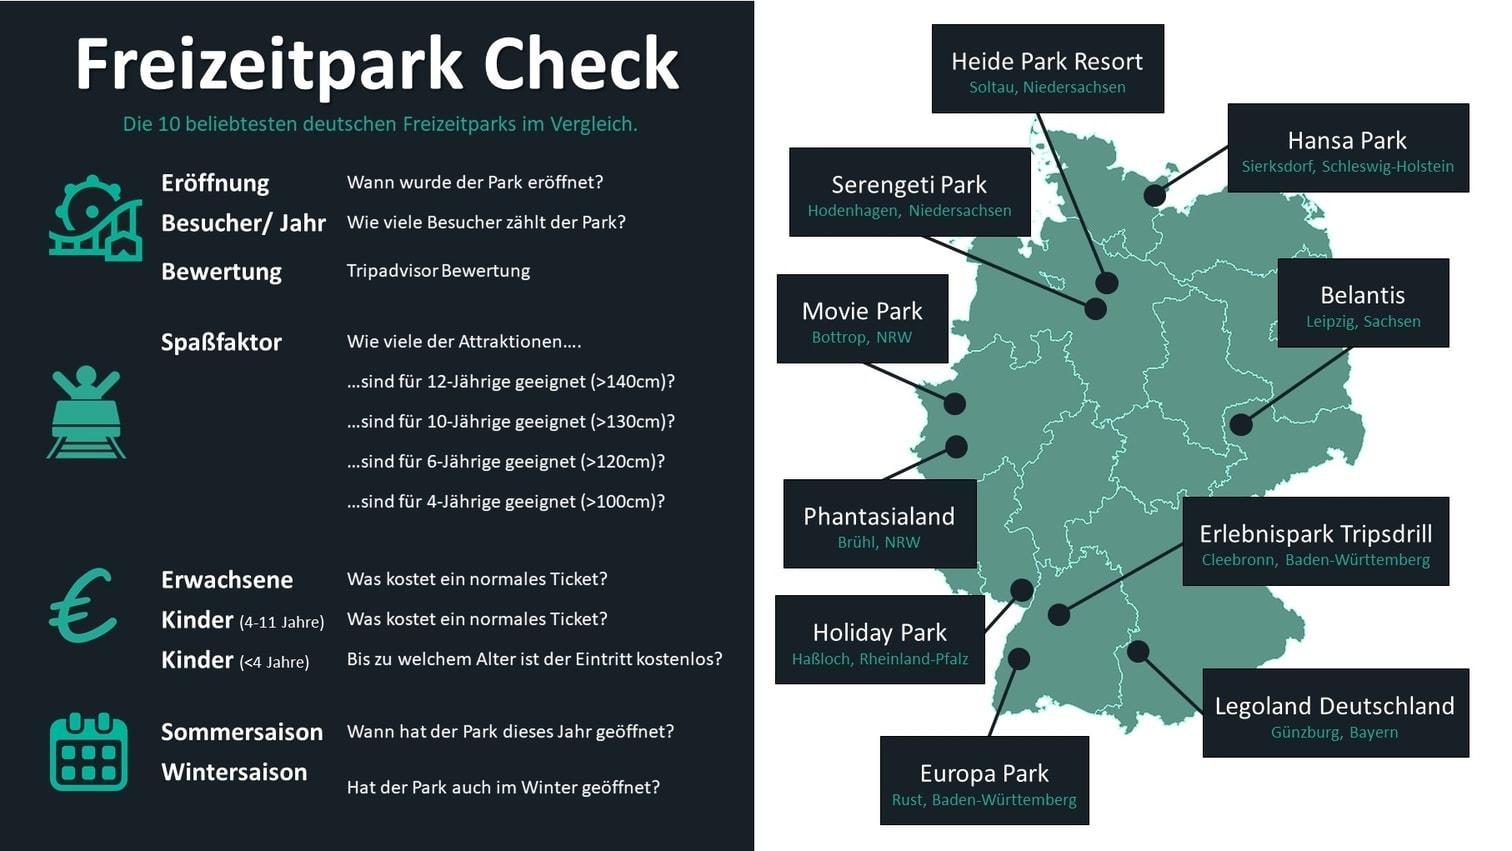 <p>Die zehn beliebtesten deutschen Freizeitparks unter der Lupe - eine Fotogalerie mit den wichtigsten Infos. Neben Bewertung